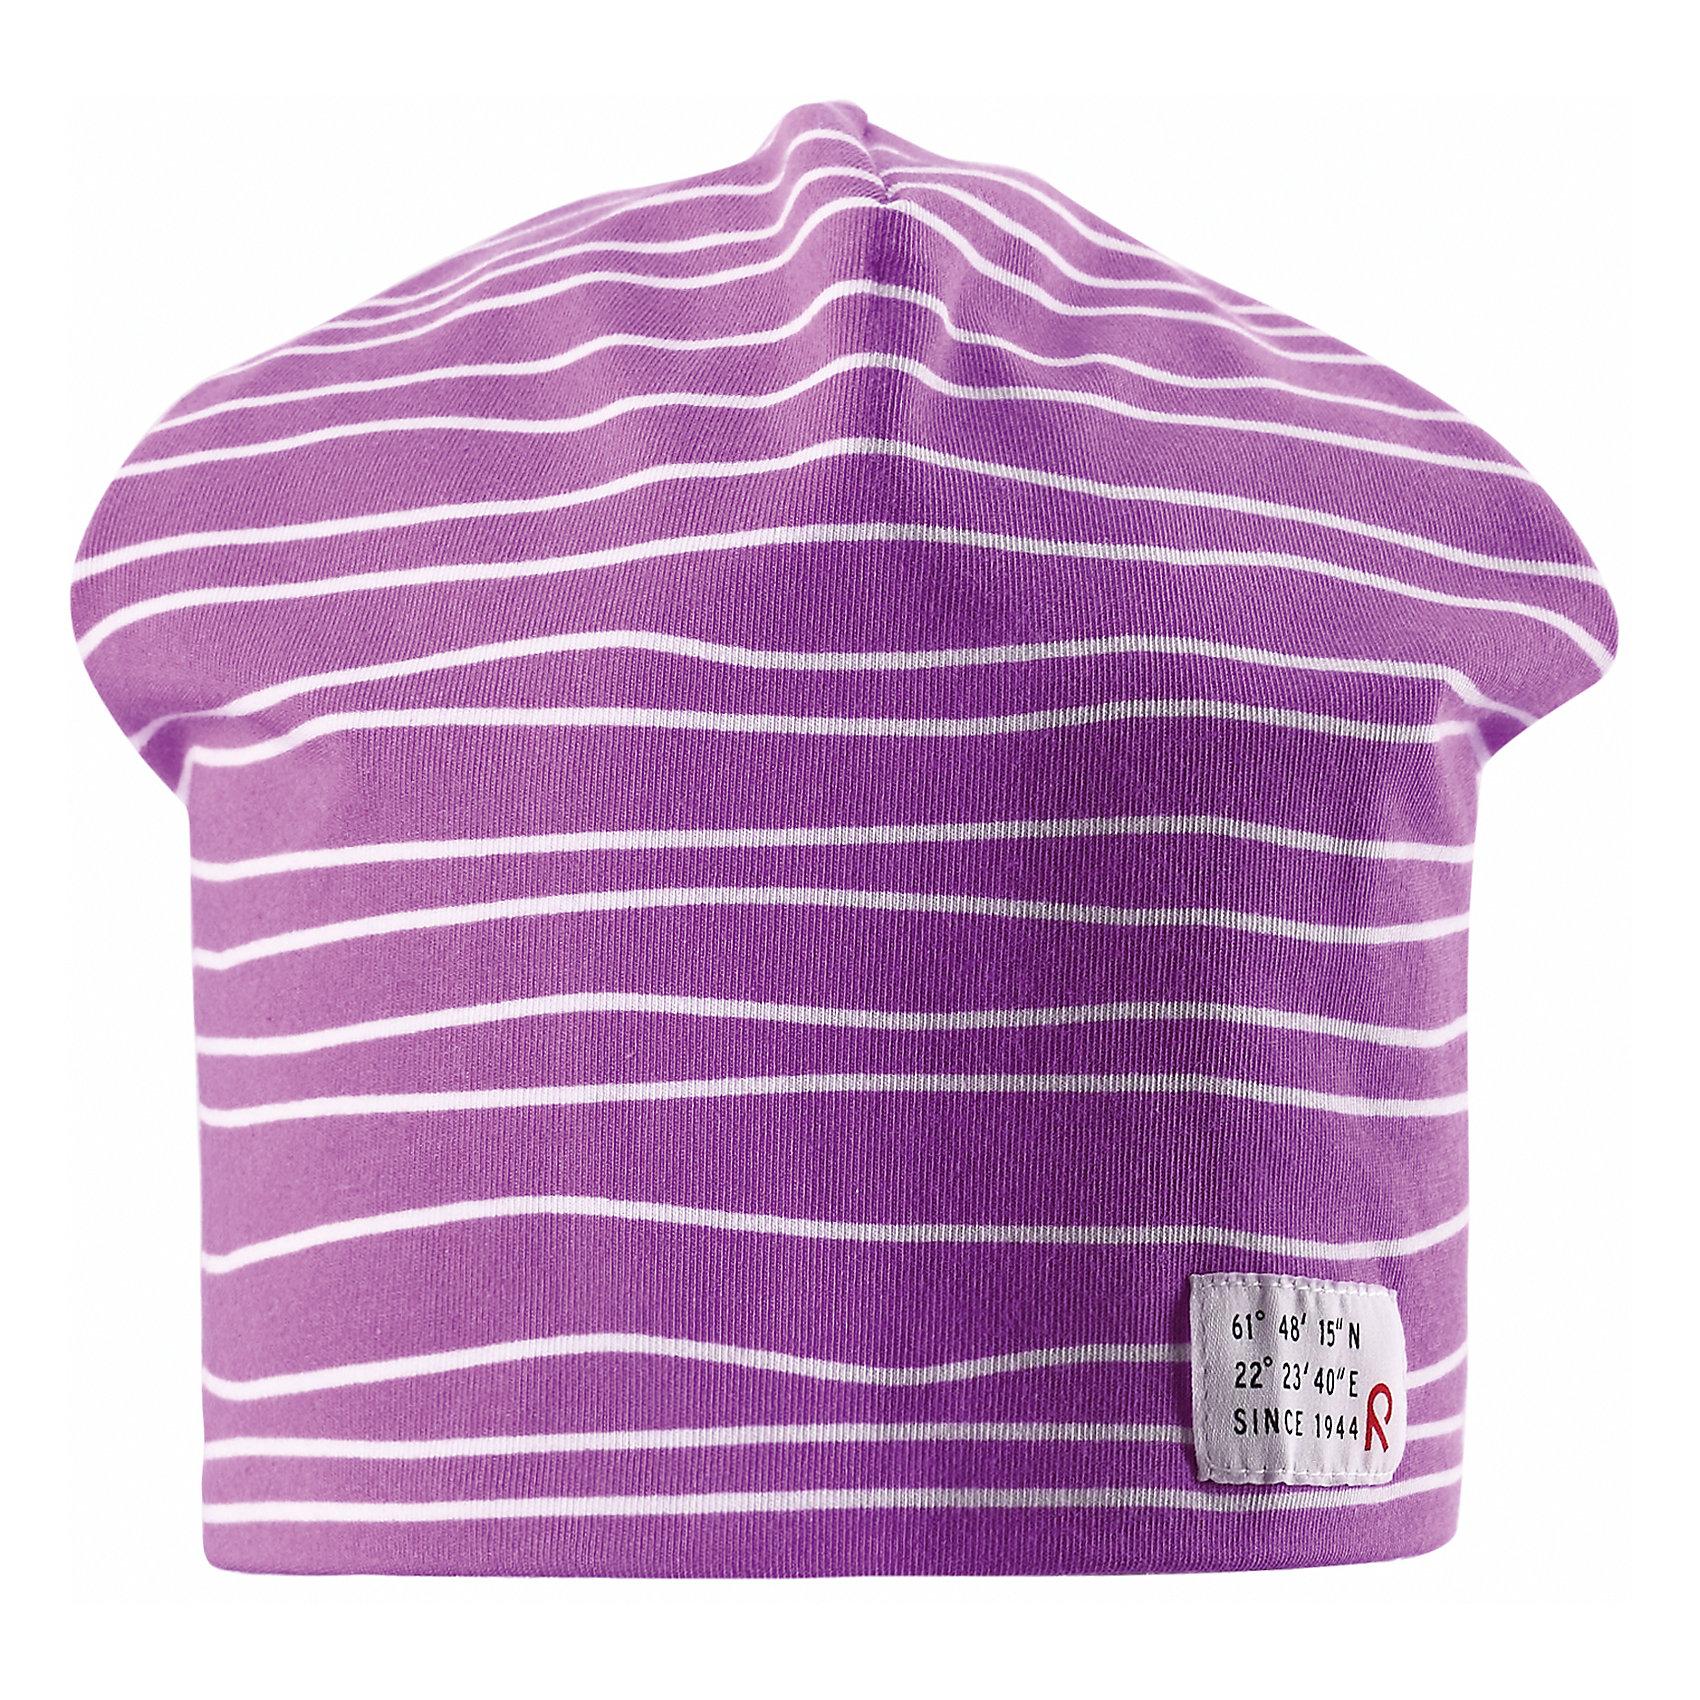 Шапка для девочки ReimaЭта эффектная шапочка свежей расцветки для малышей и детей постарше — великолепный выбор для всех маленьких покорителей природы! Шапочка изготовлена из простого в уходе и быстросохнущего материла Play Jersey®, эффективно выводящего влагу с кожи во время подвижных игр на свежем воздухе. Обратите внимание, что она имеет УФ-защиту 40+. Стиля много не бывает! Озорная двухсторонняя шапочка в одно мгновение превращается из полосатой в однотонную! <br><br>Дополнительная информация:<br><br>Двухсторонняя шапка «Бини» для детей и малышей<br>Быстросохнущий материал Play Jersey, приятный на ощупь<br>Фактор защиты от ультрафиолета 40+<br>Двухсторонняя модель<br>Сплошная подкладка: отводящий влагу материал Play Jersey<br>Логотип Reima® спереди<br>Веселые цветовые сочетания<br>Состав:<br>65% ХЛ 30% ПЭ 5% ЭЛ<br>Уход:<br>Стирать с бельем одинакового цвета, вывернув наизнанку. Полоскать без специального средства. Придать первоначальную форму вo влажном виде.<br><br>Ширина мм: 89<br>Глубина мм: 117<br>Высота мм: 44<br>Вес г: 155<br>Цвет: розовый<br>Возраст от месяцев: 60<br>Возраст до месяцев: 72<br>Пол: Женский<br>Возраст: Детский<br>Размер: 52,54,56,50<br>SKU: 4498128